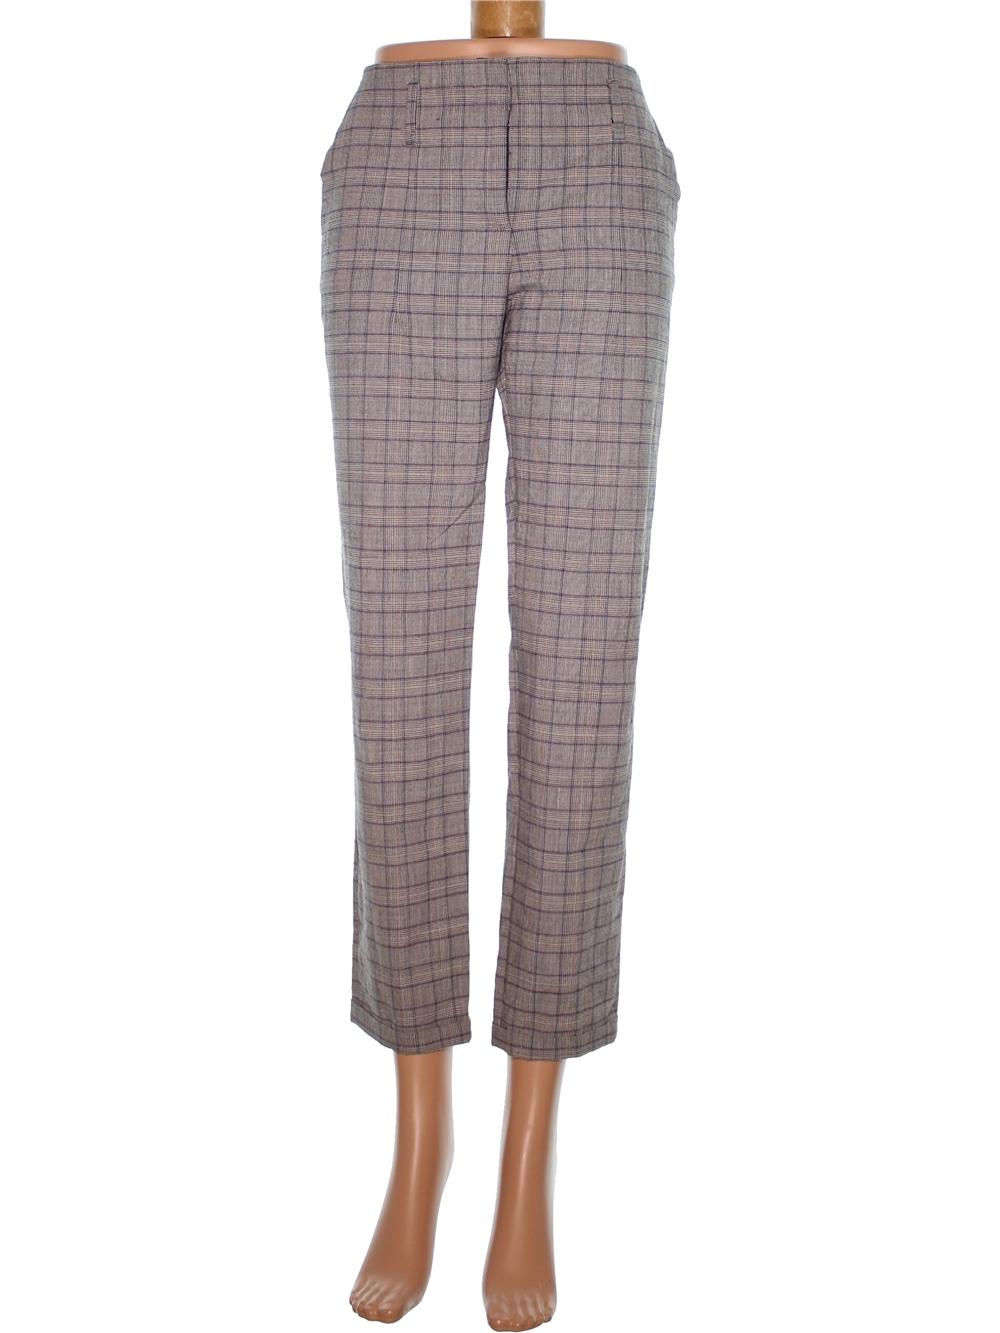 exclusive range better famous brand Pantalon Femme ZARA S pas cher, 5.20 € - #1171383